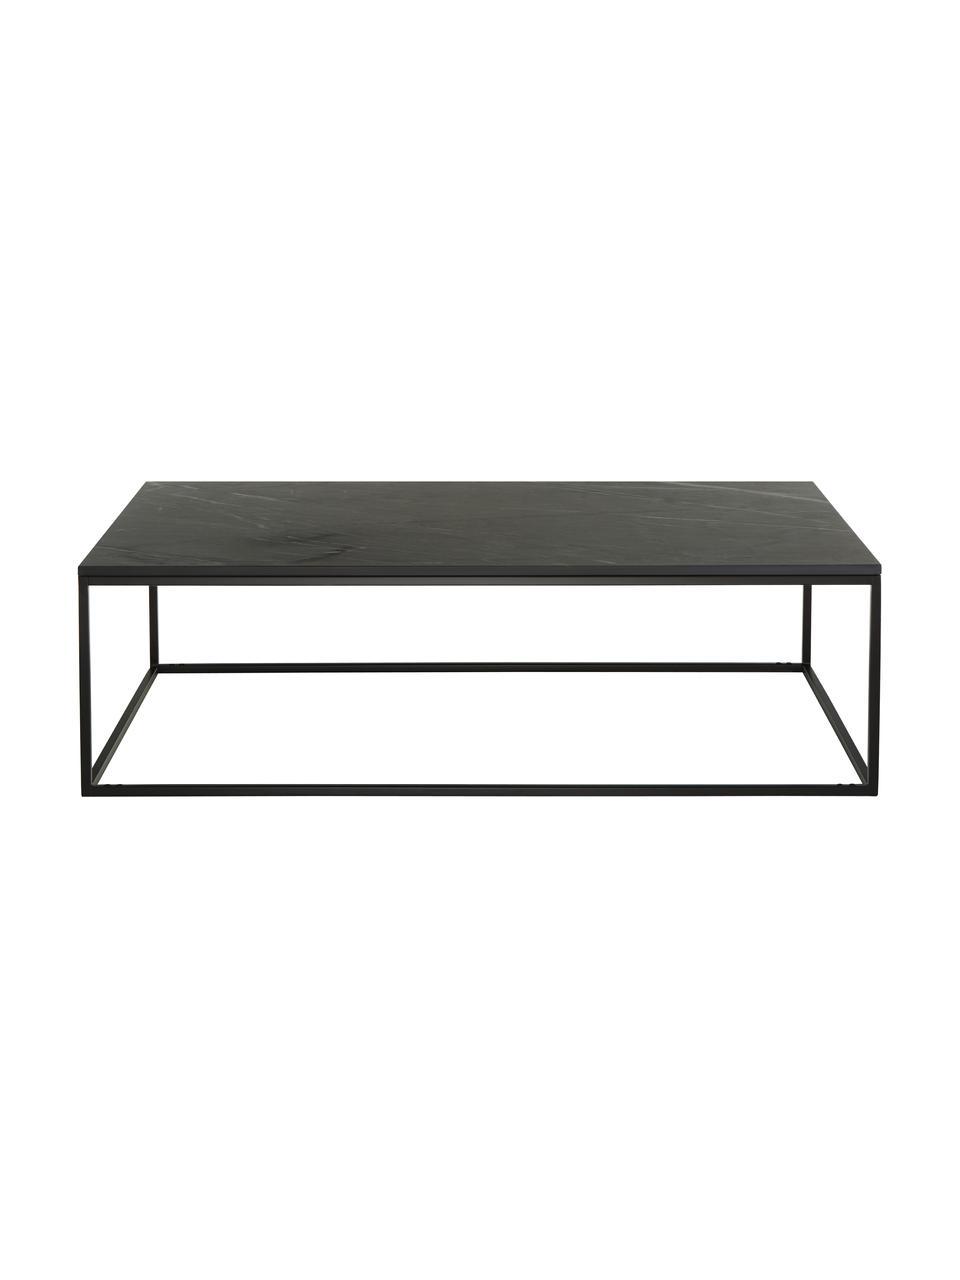 Großer Marmor-Couchtisch Alys, Tischplatte: Marmor, Gestell: Metall, pulverbeschichtet, Schwarzer Marmor, Schwarz, 120 x 35 cm